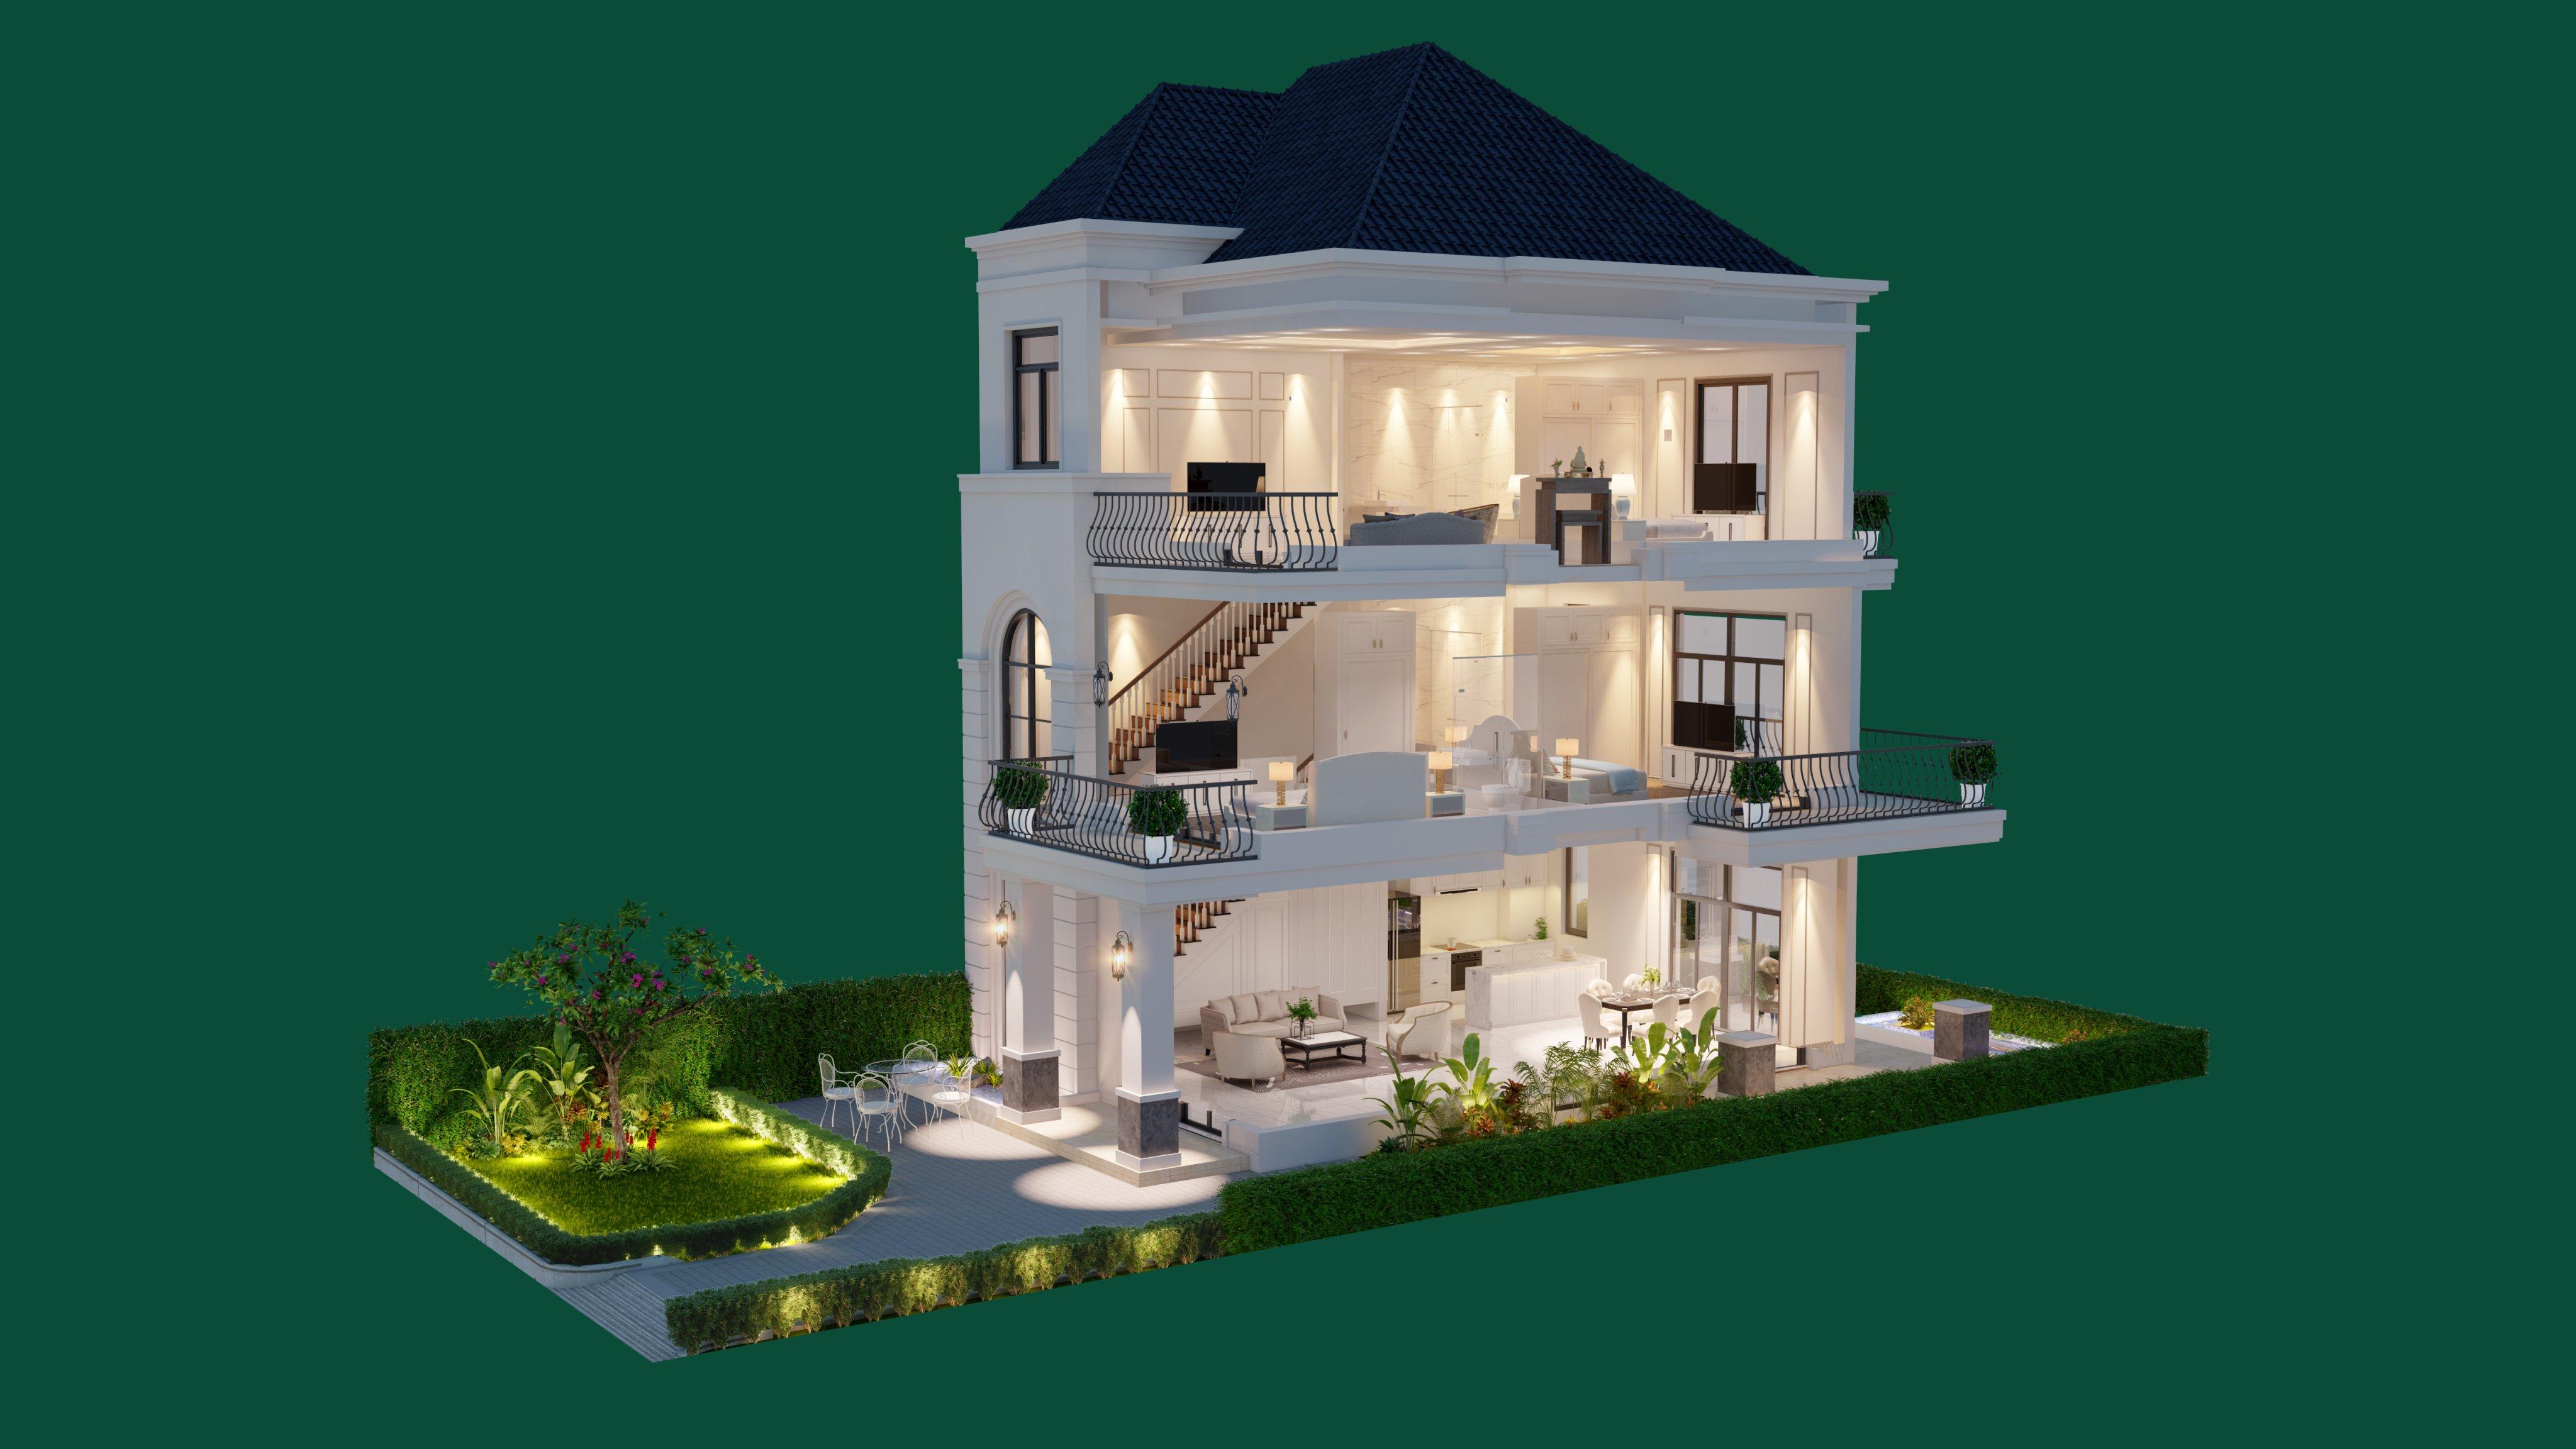 Thiết kế sang trọng - đẳng cấp bậc nhất tại Thành phố nghỉ dưỡng West Lakes Golf & Villas - Hình 4